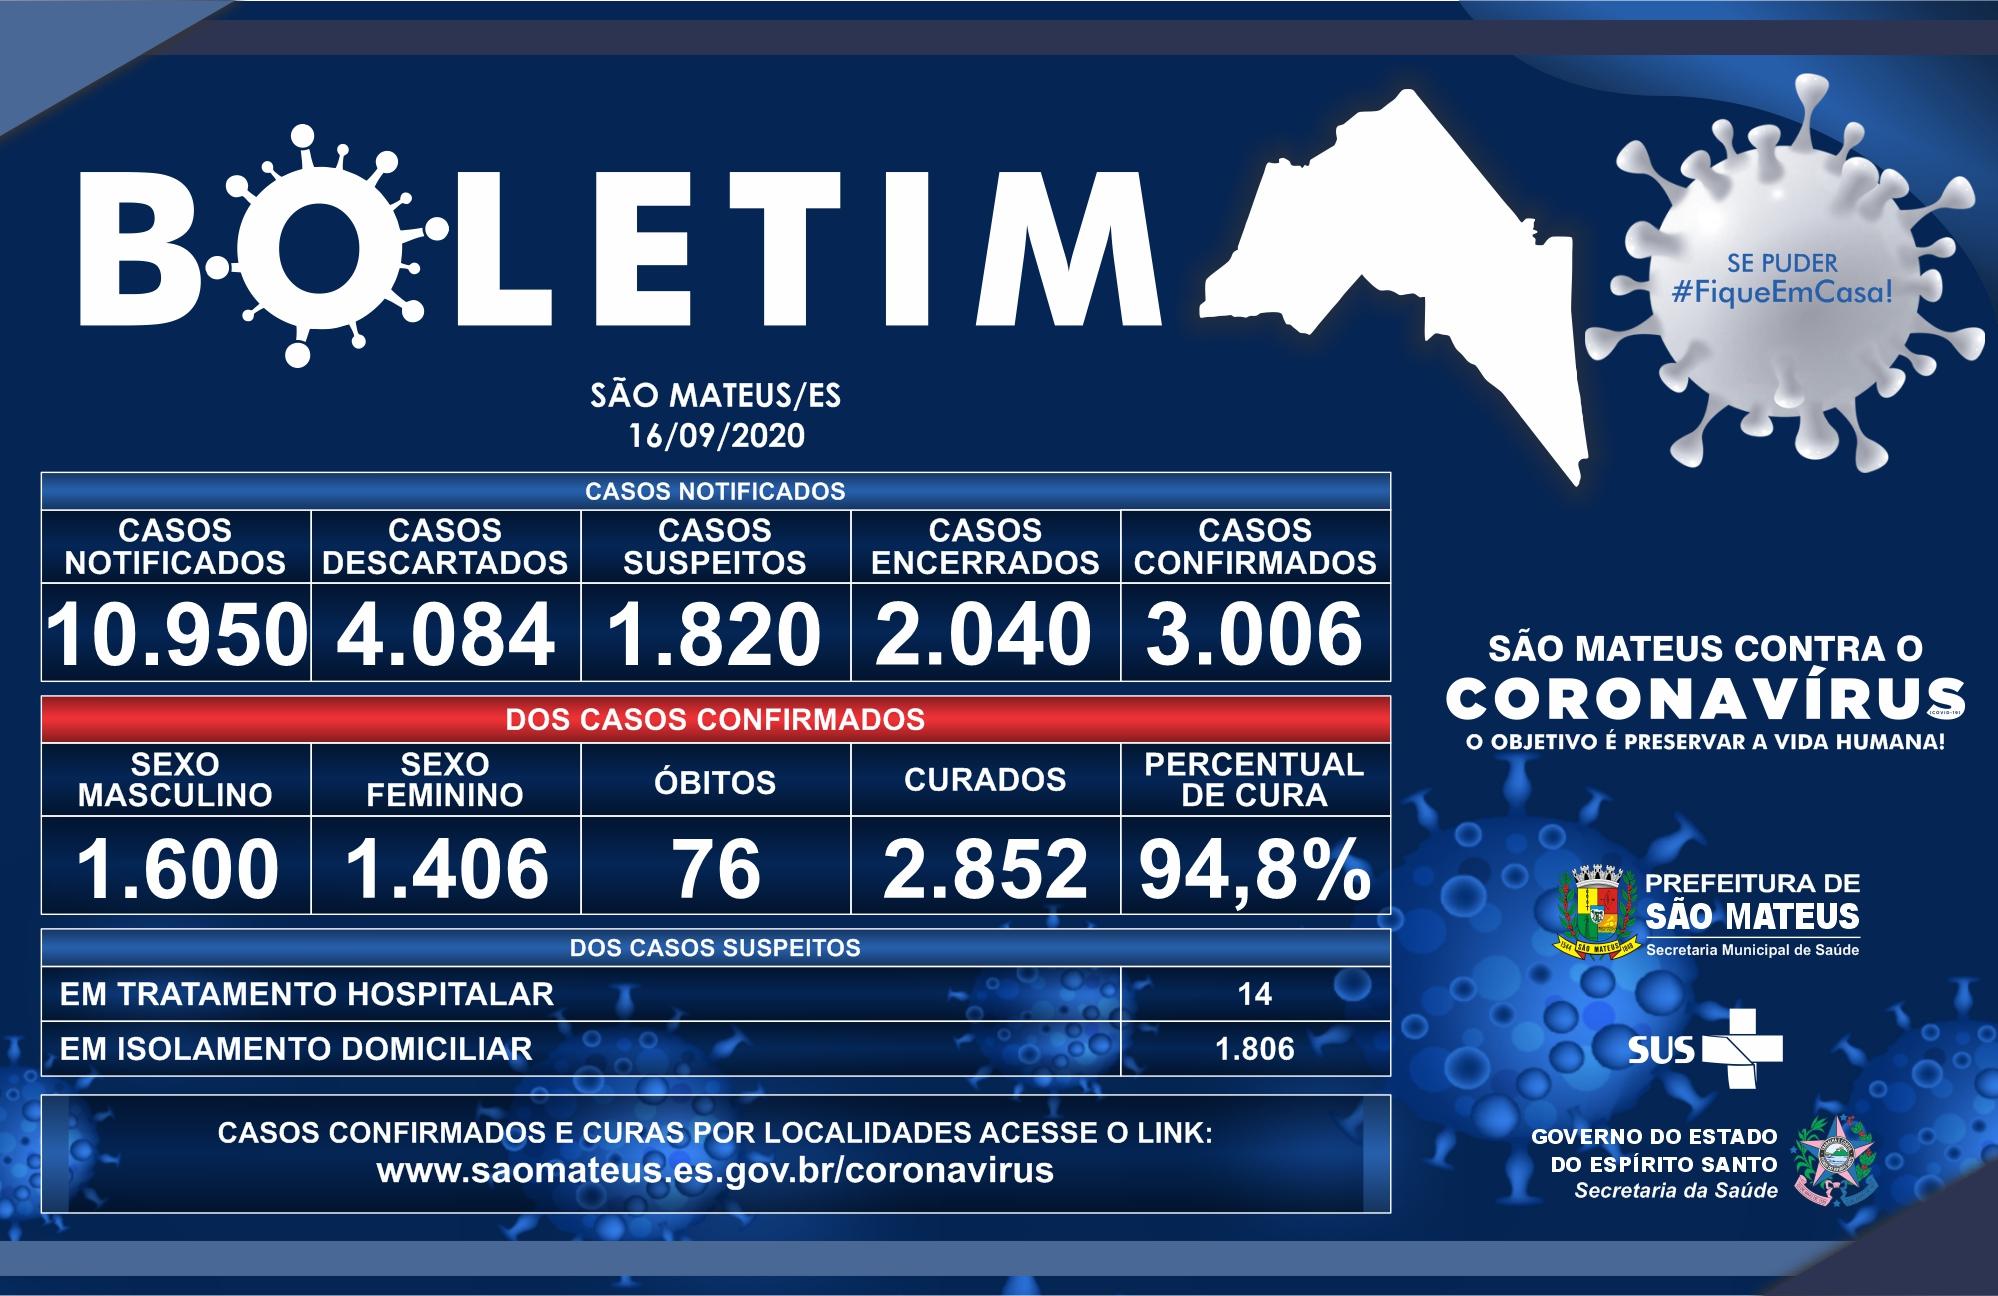 SÃO MATEUS: VIGILÂNCIA EPIDEMIOLÓGICA RETIFICA INFORMAÇÃO SOBRE ÓBITO